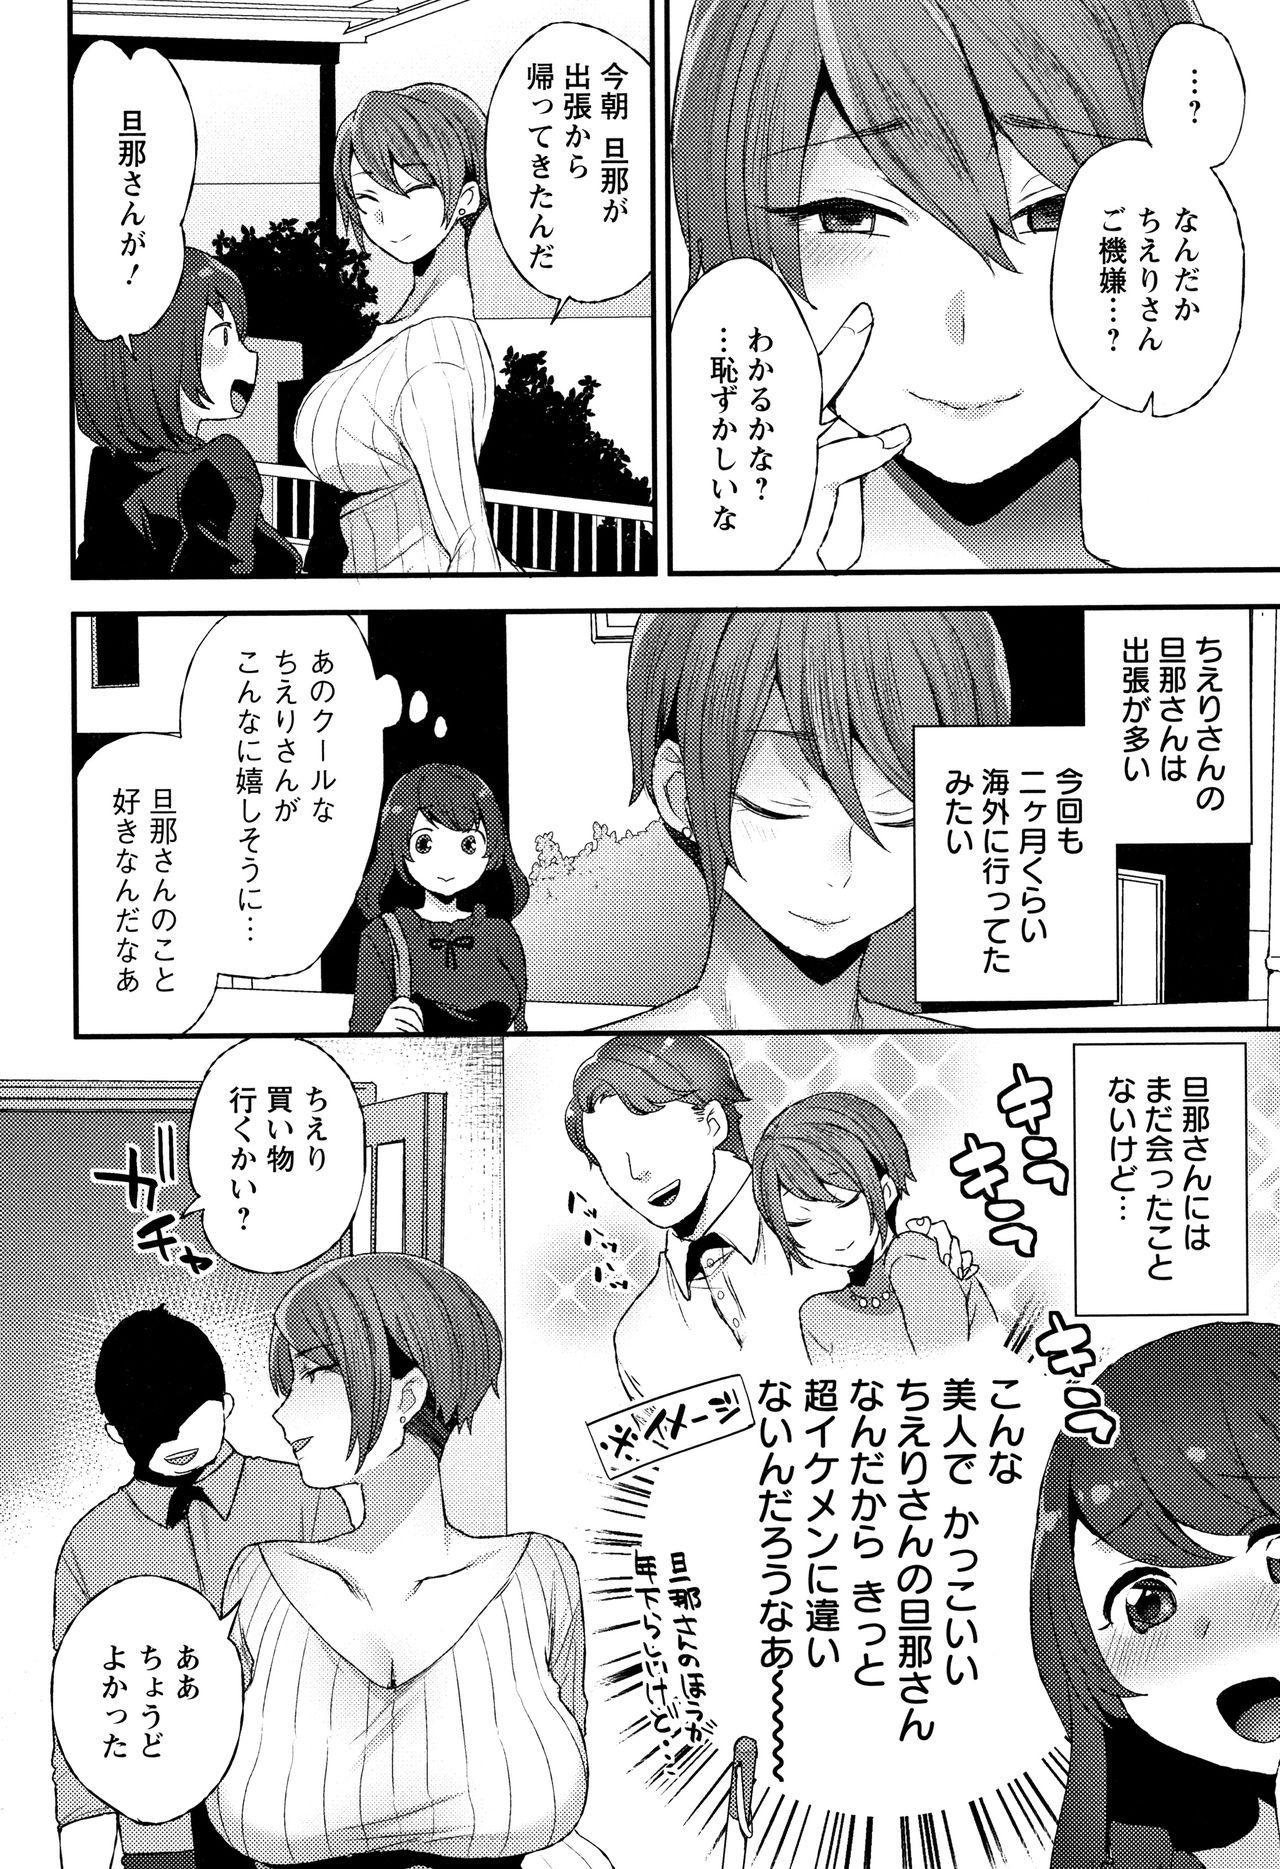 Nureta Manazashi 170